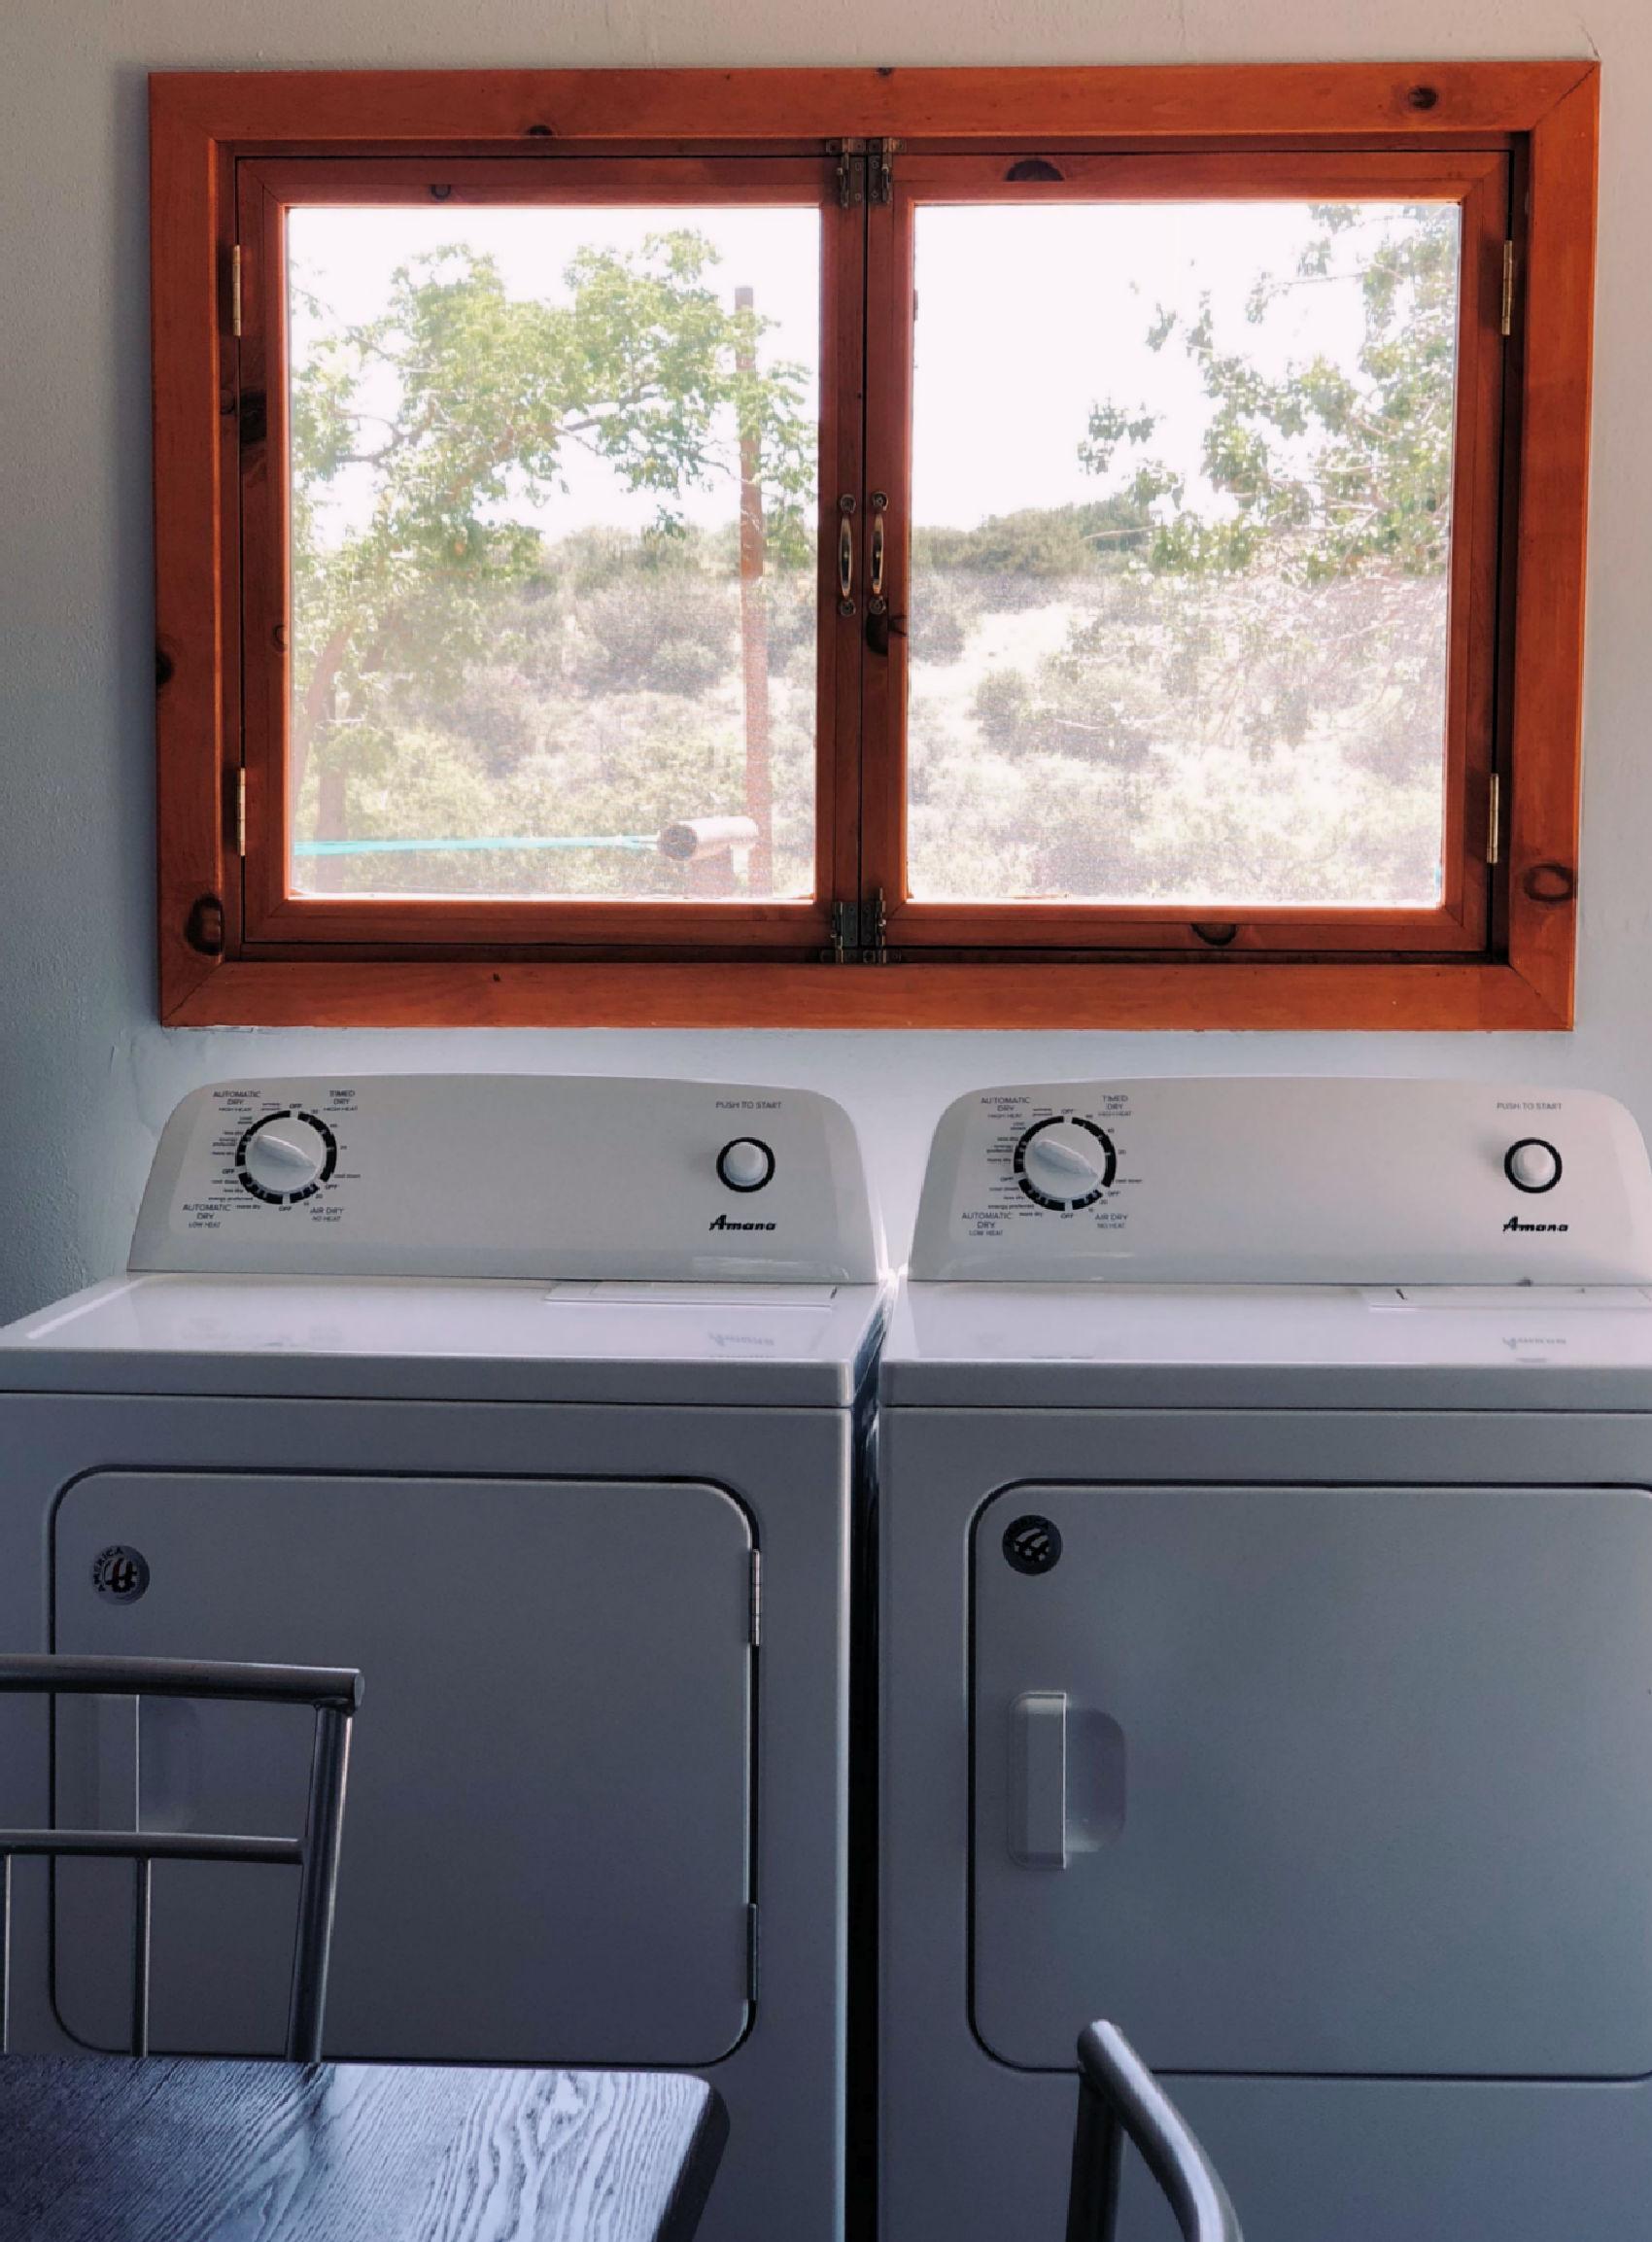 Washer dryer.jpg